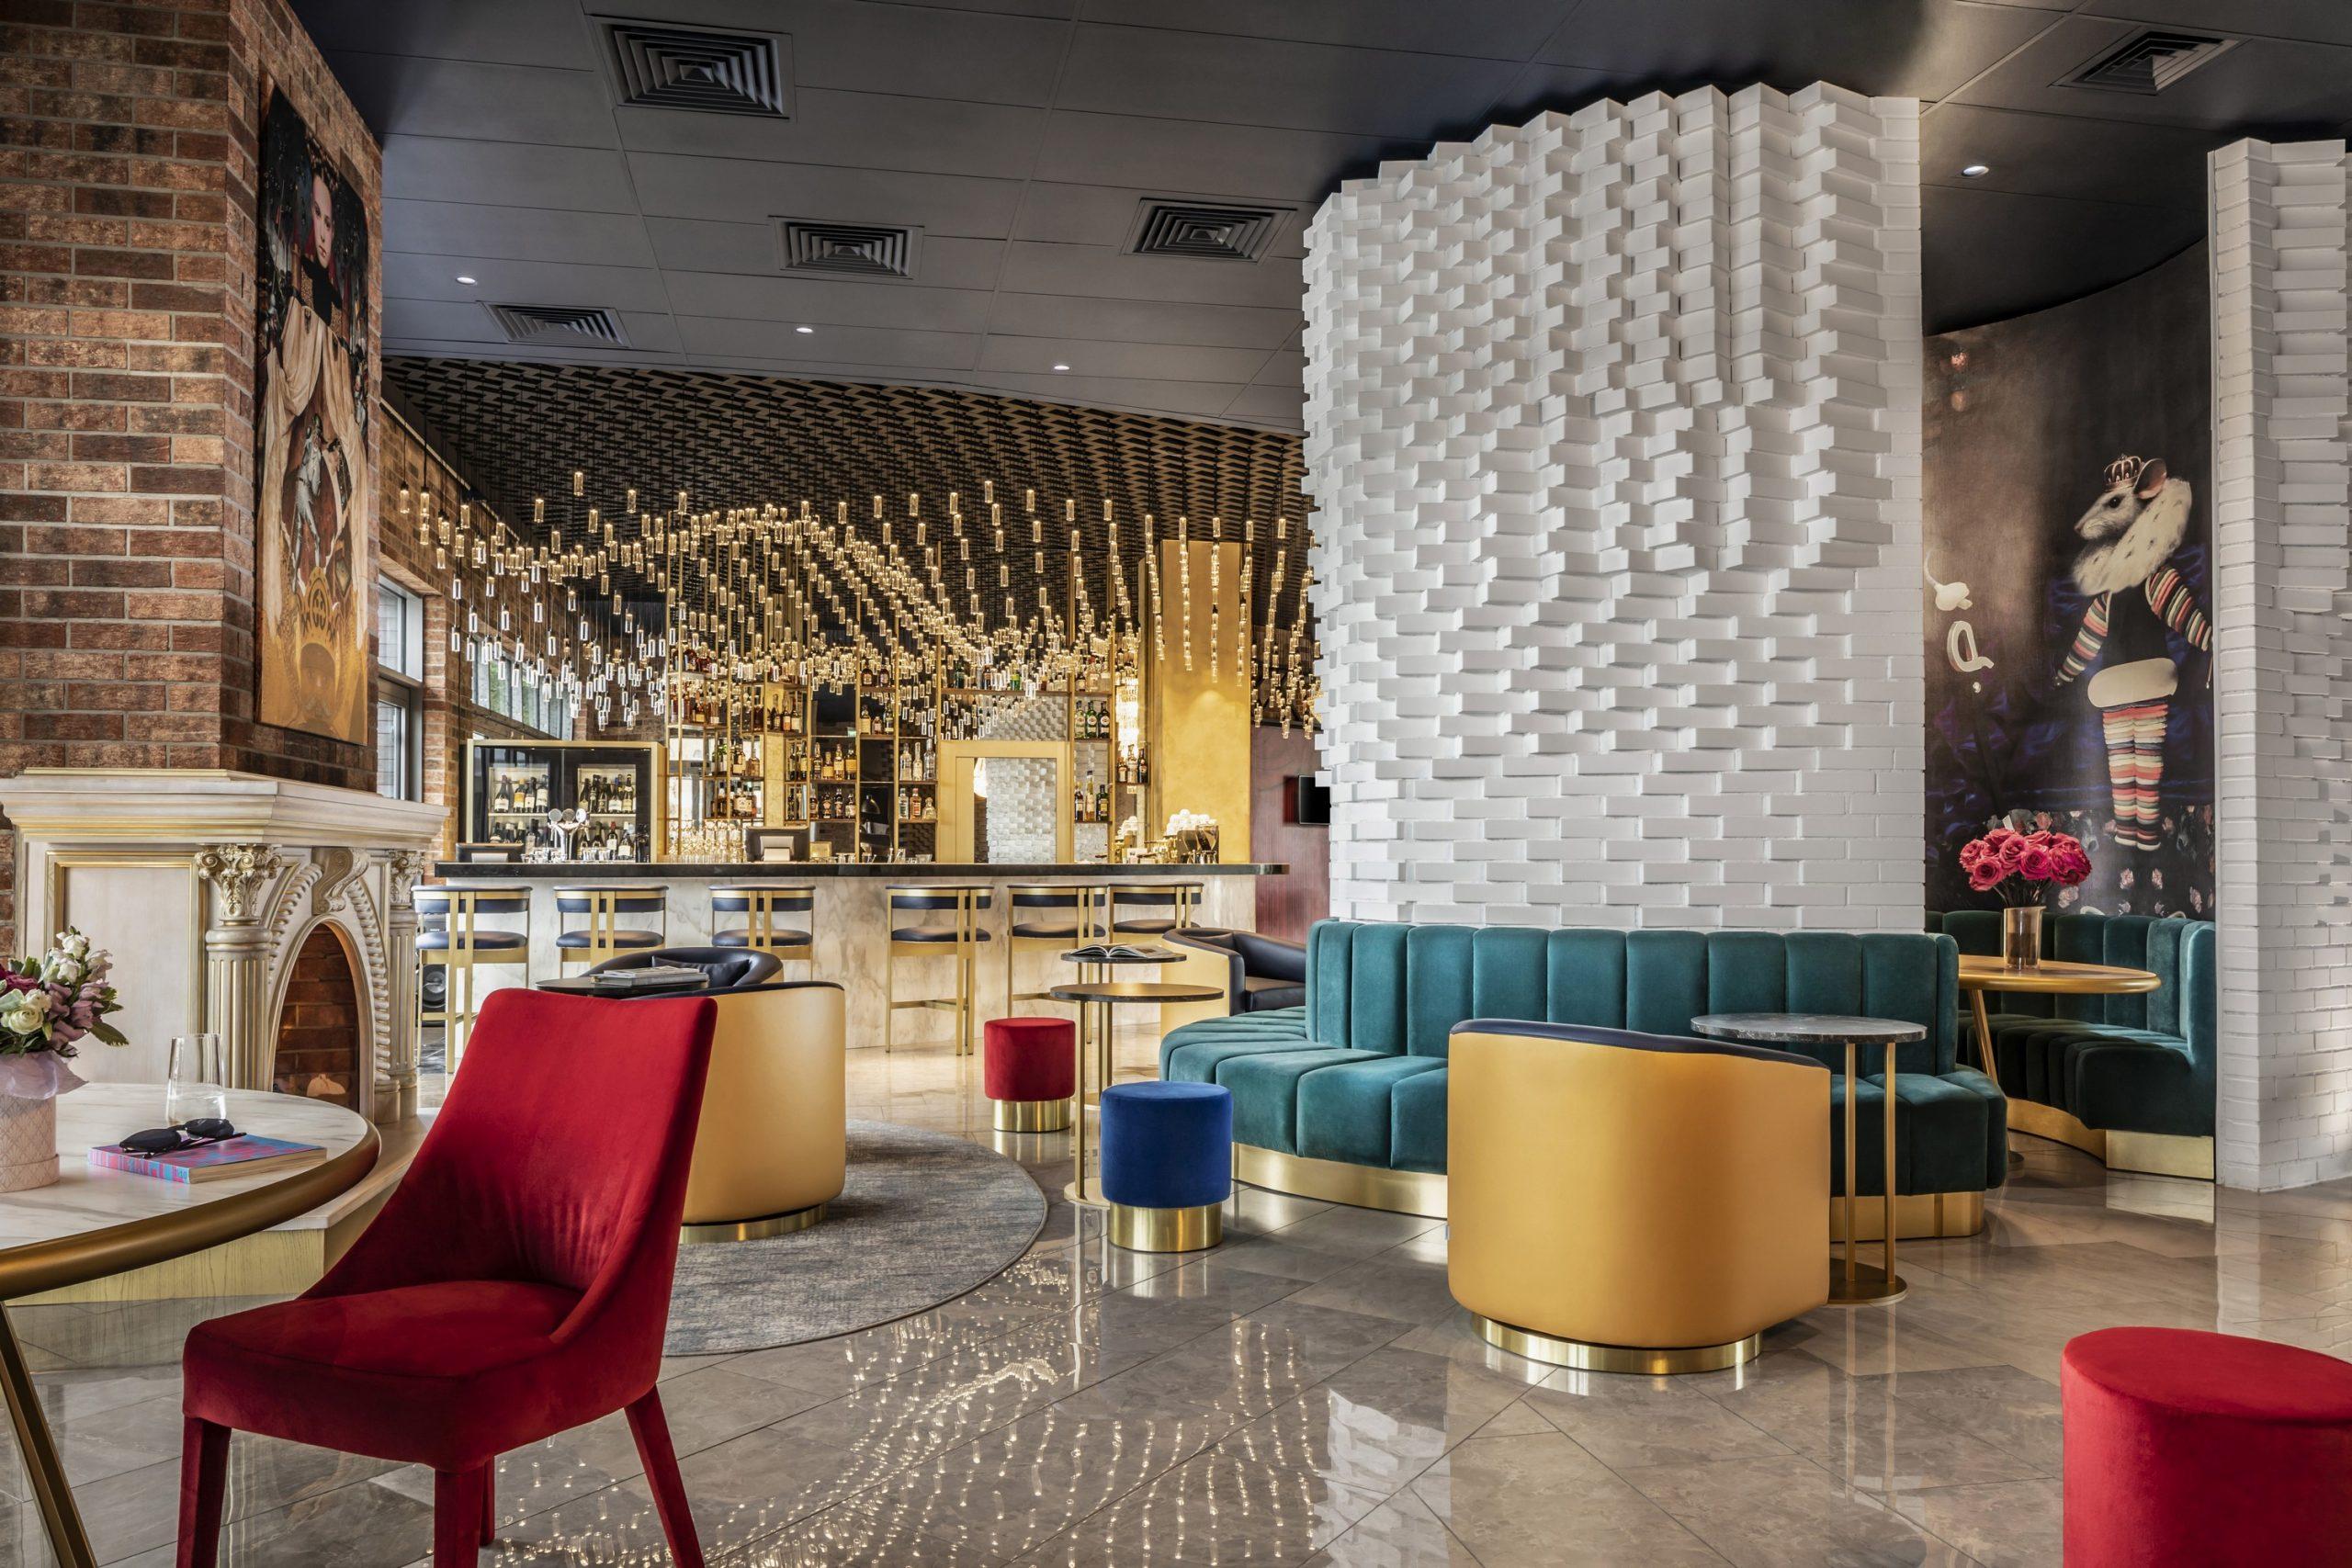 Hotel Mercure Kaliningrad: A Place Full Of Magic